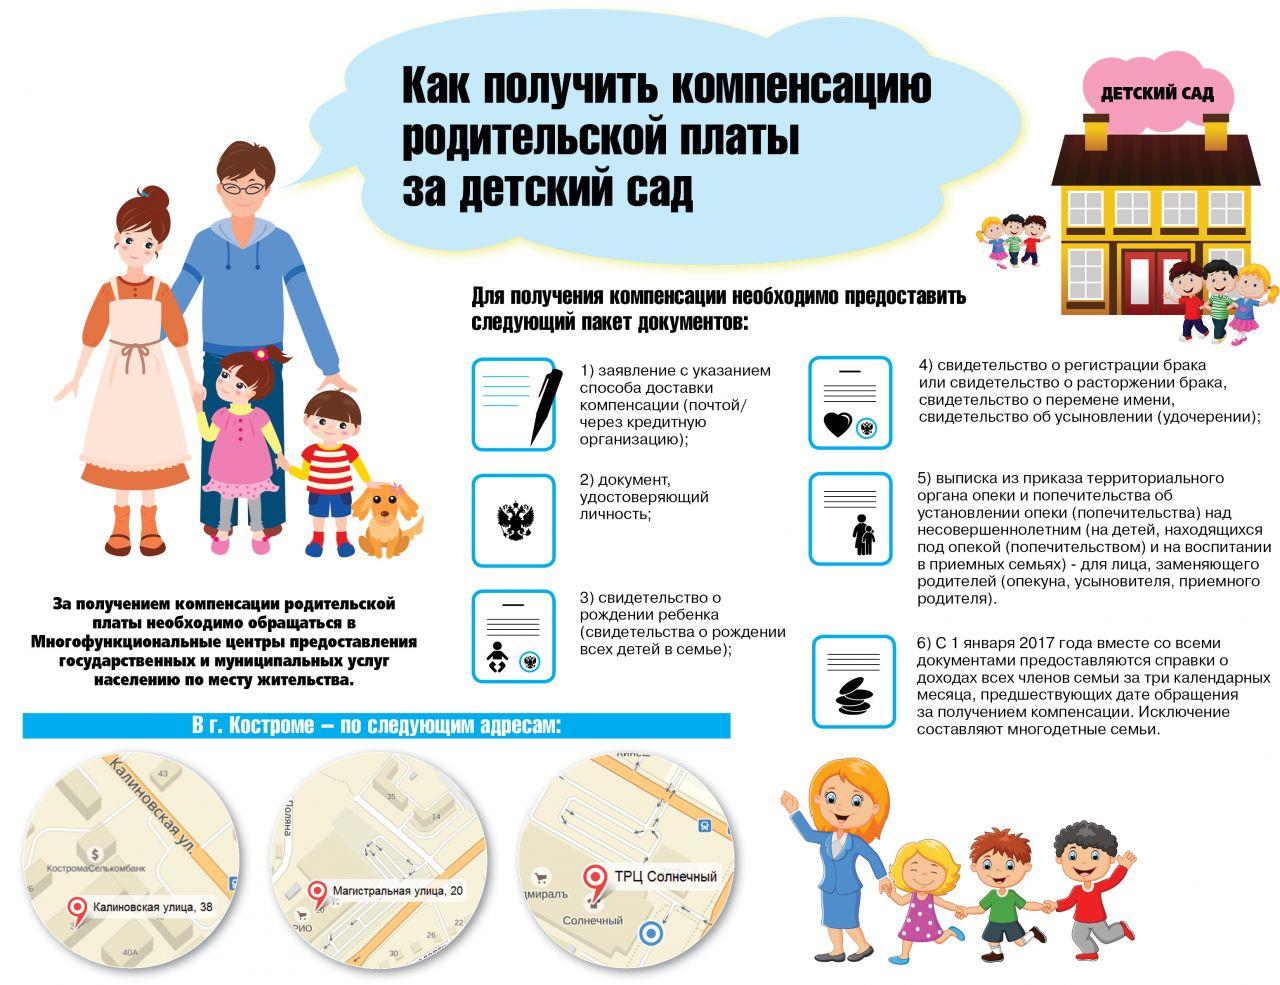 Порядок получения компенсации за детский сад